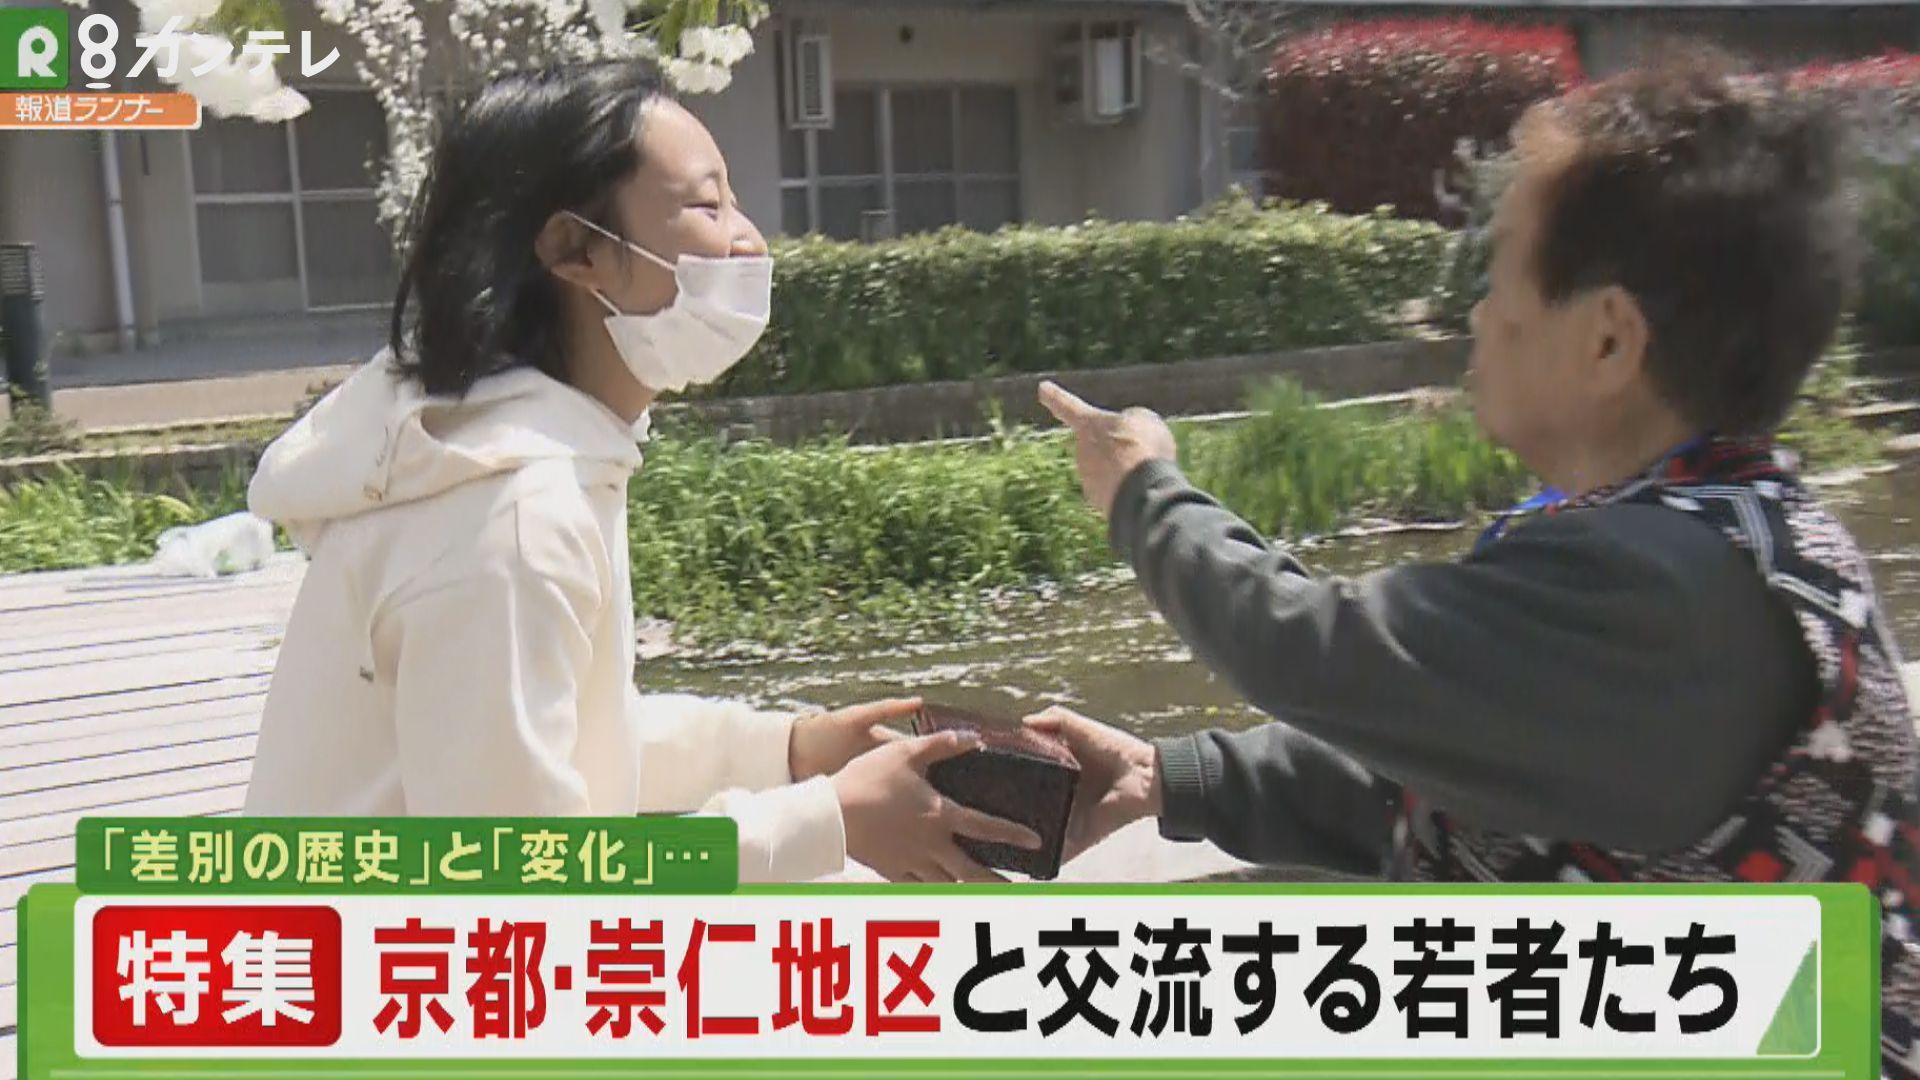 差別の歴史、変わっていく街…「夢の住まい」が解体 京都・崇仁地区で学生たちが集めた「思い出」